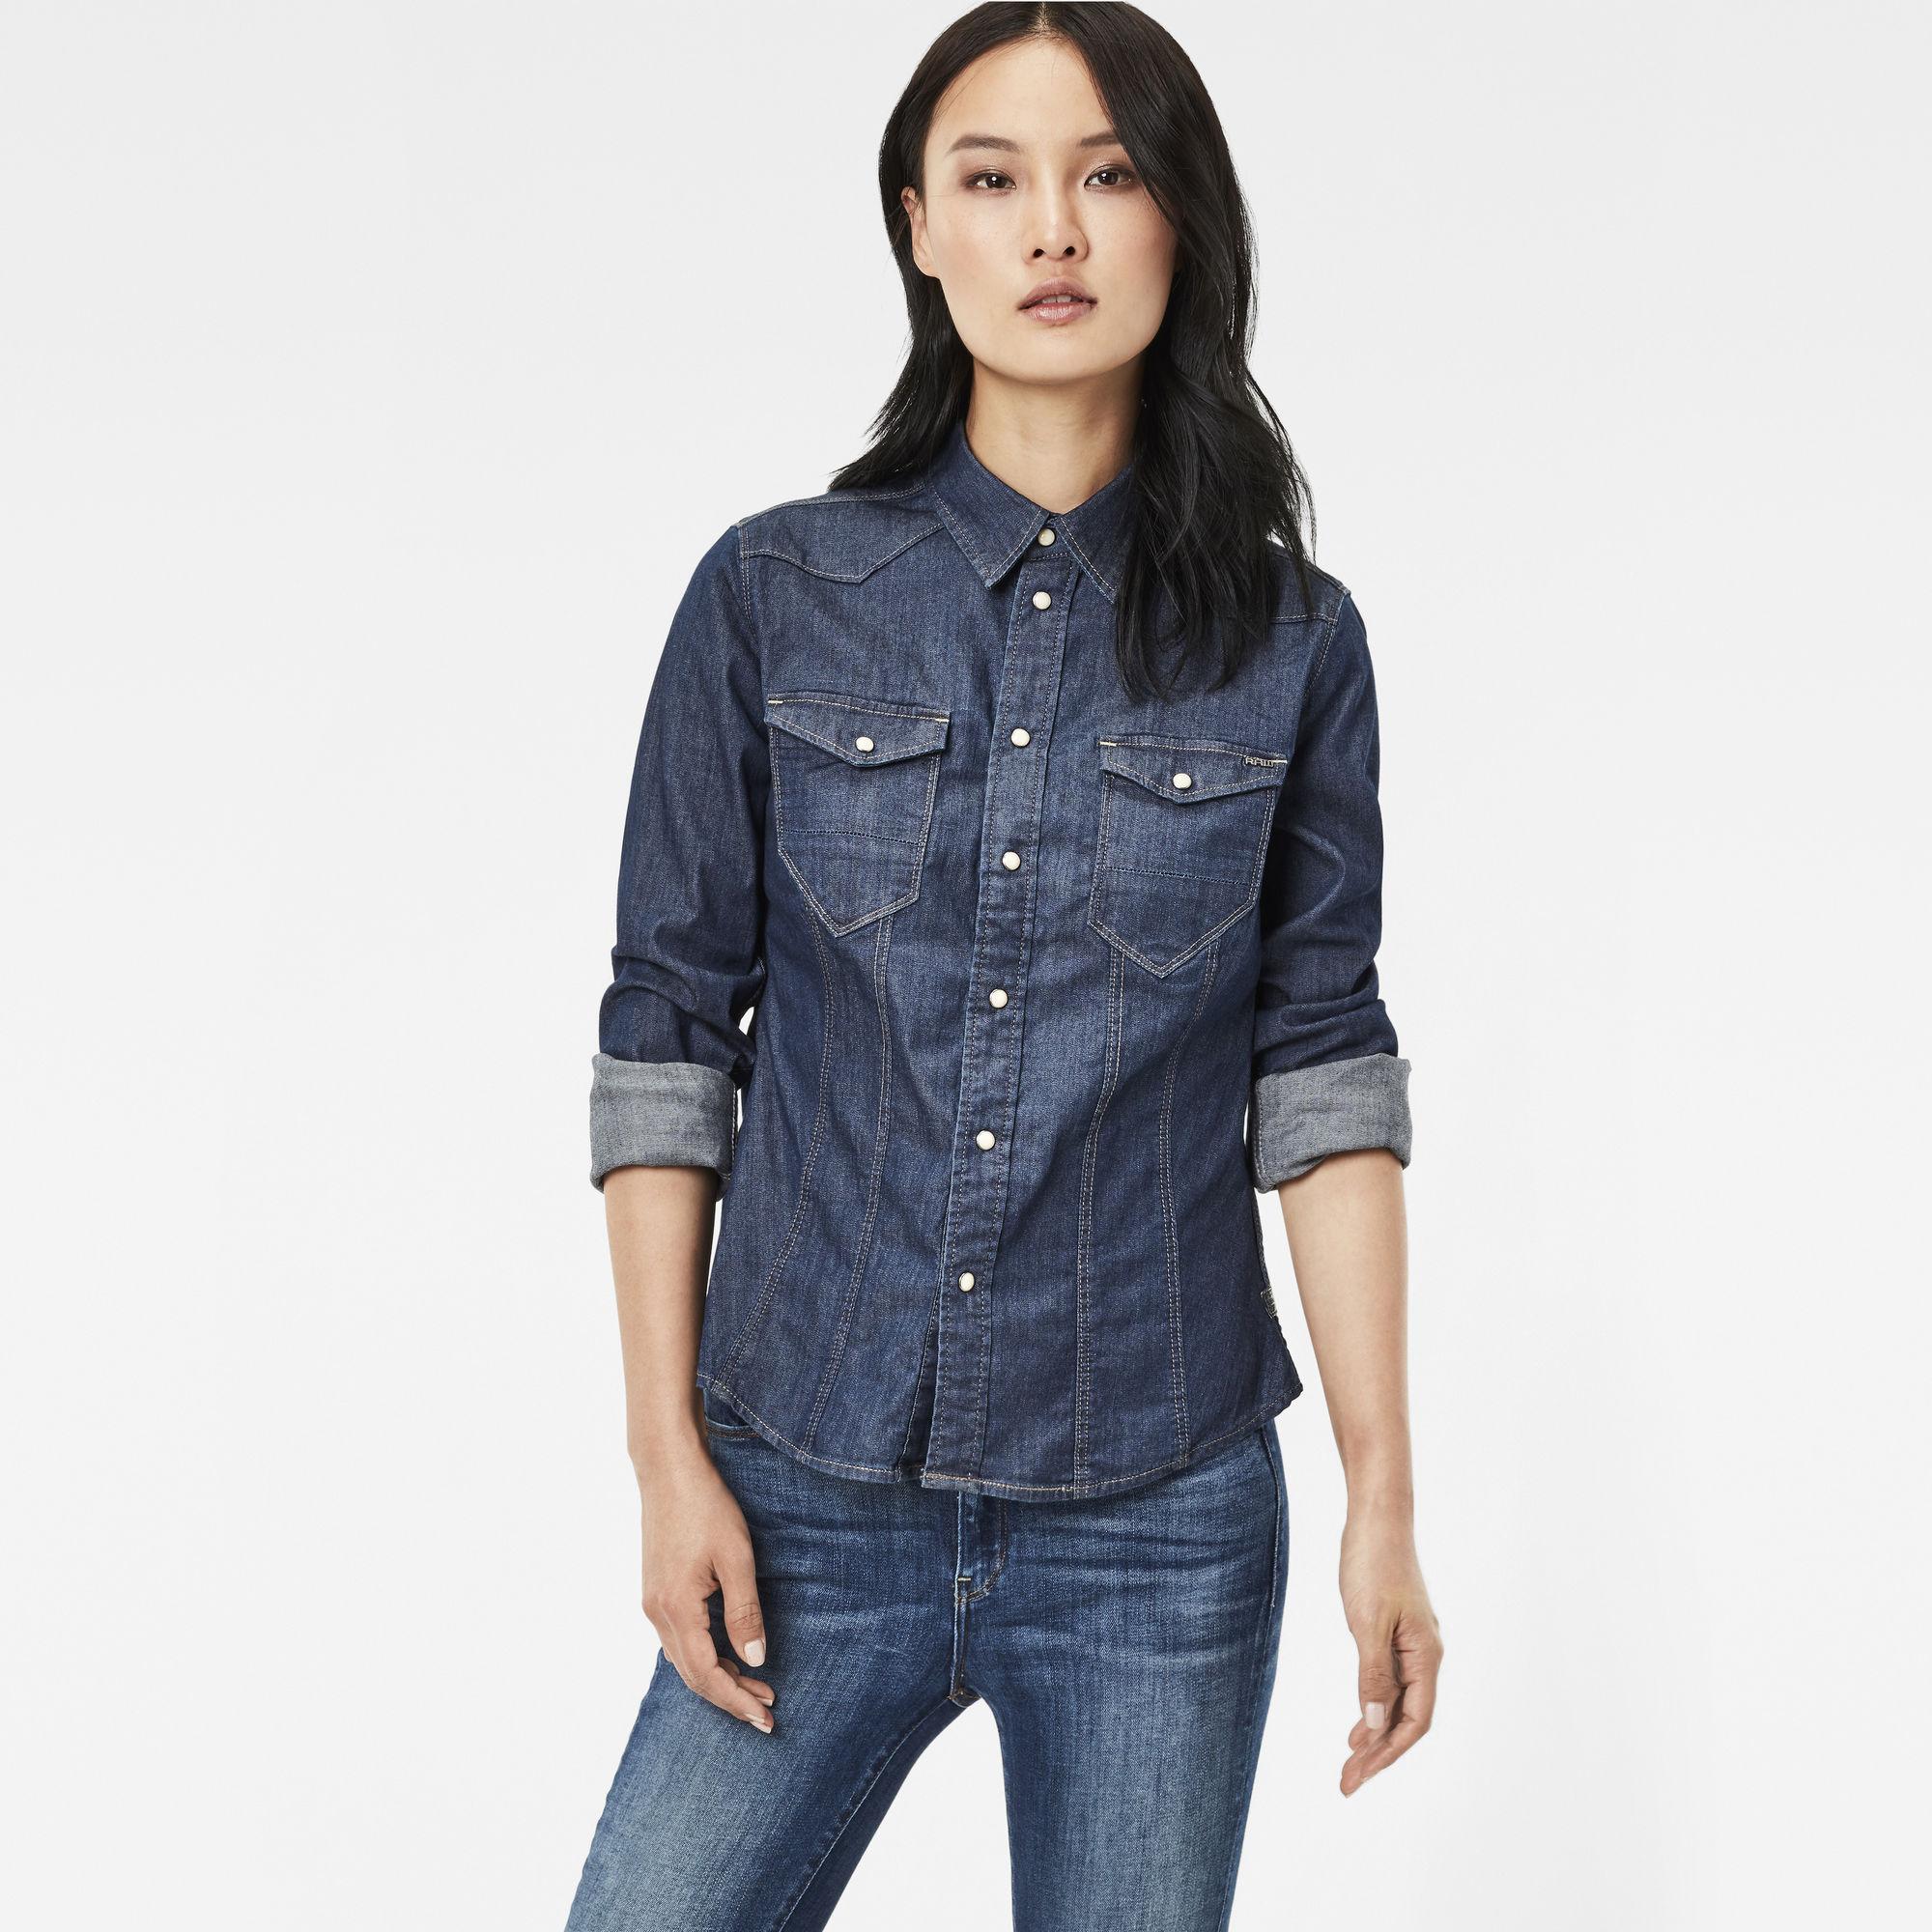 Tacoma Slim Shirt